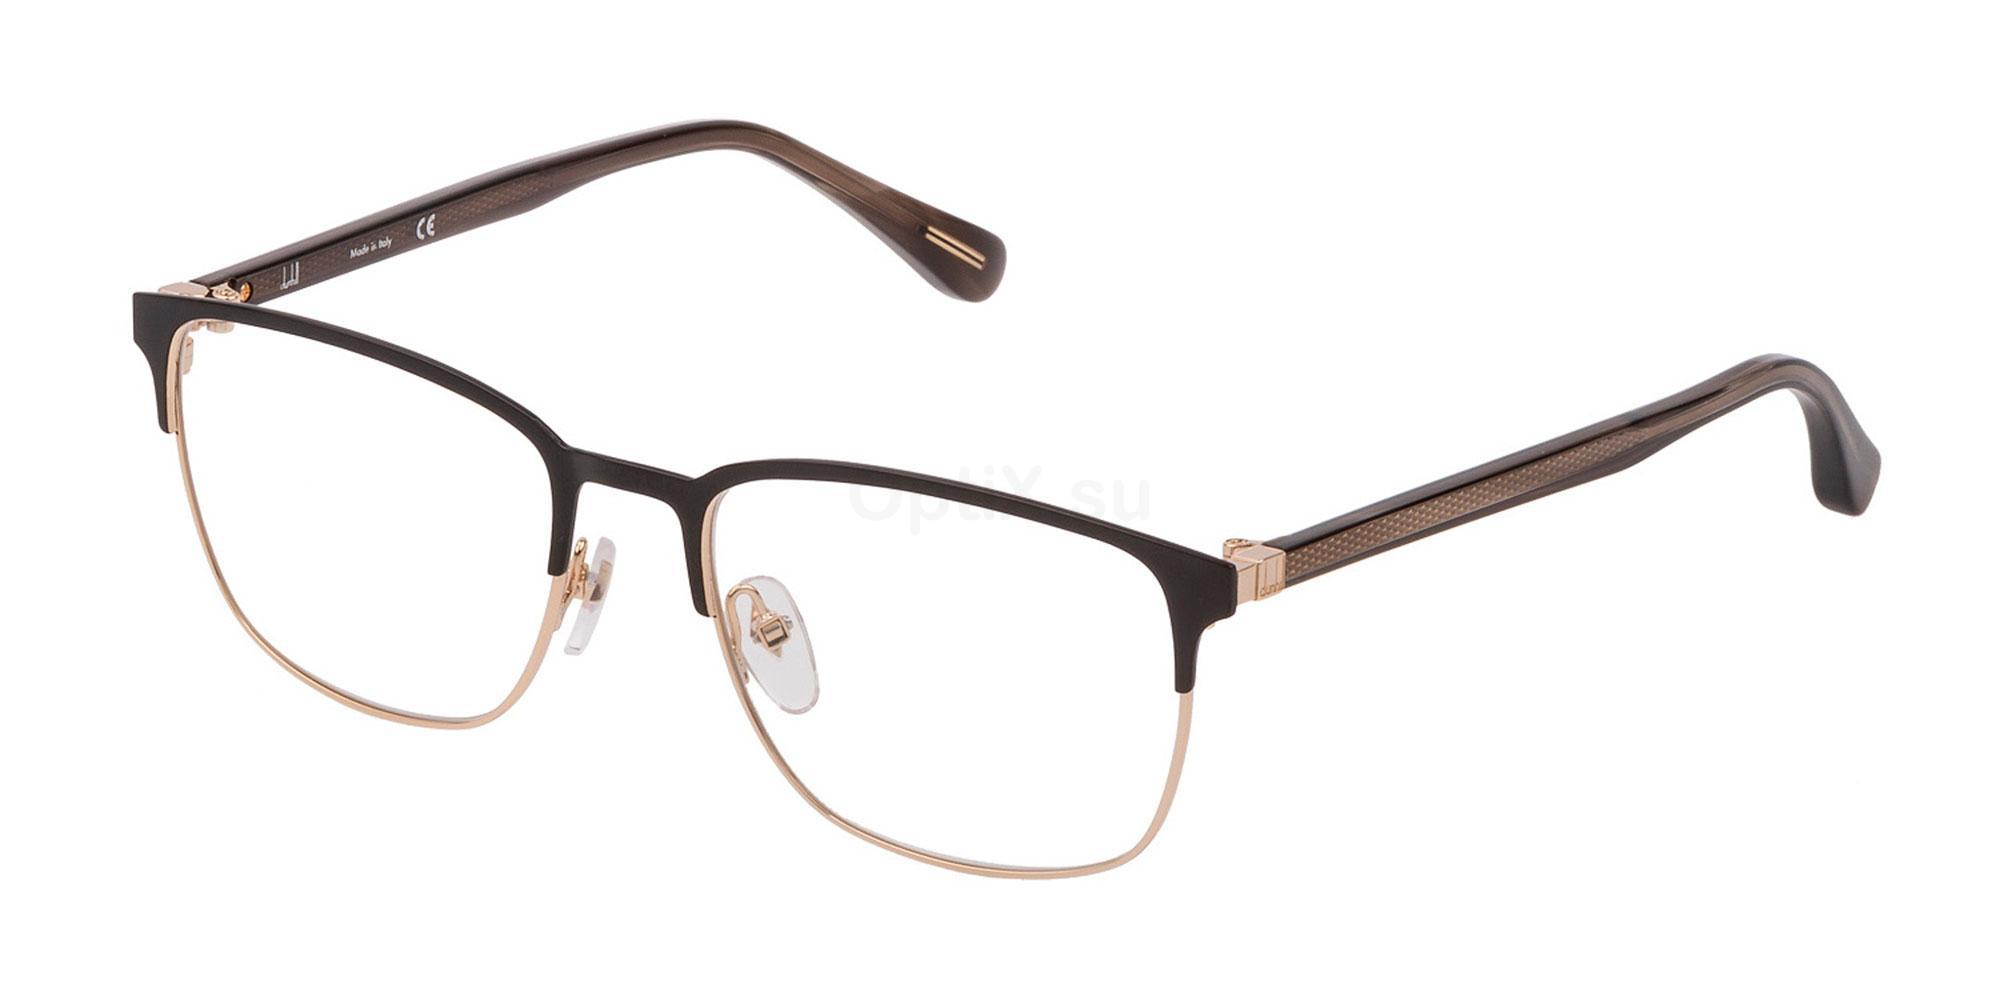 0301 VDH162 Glasses, Dunhill London